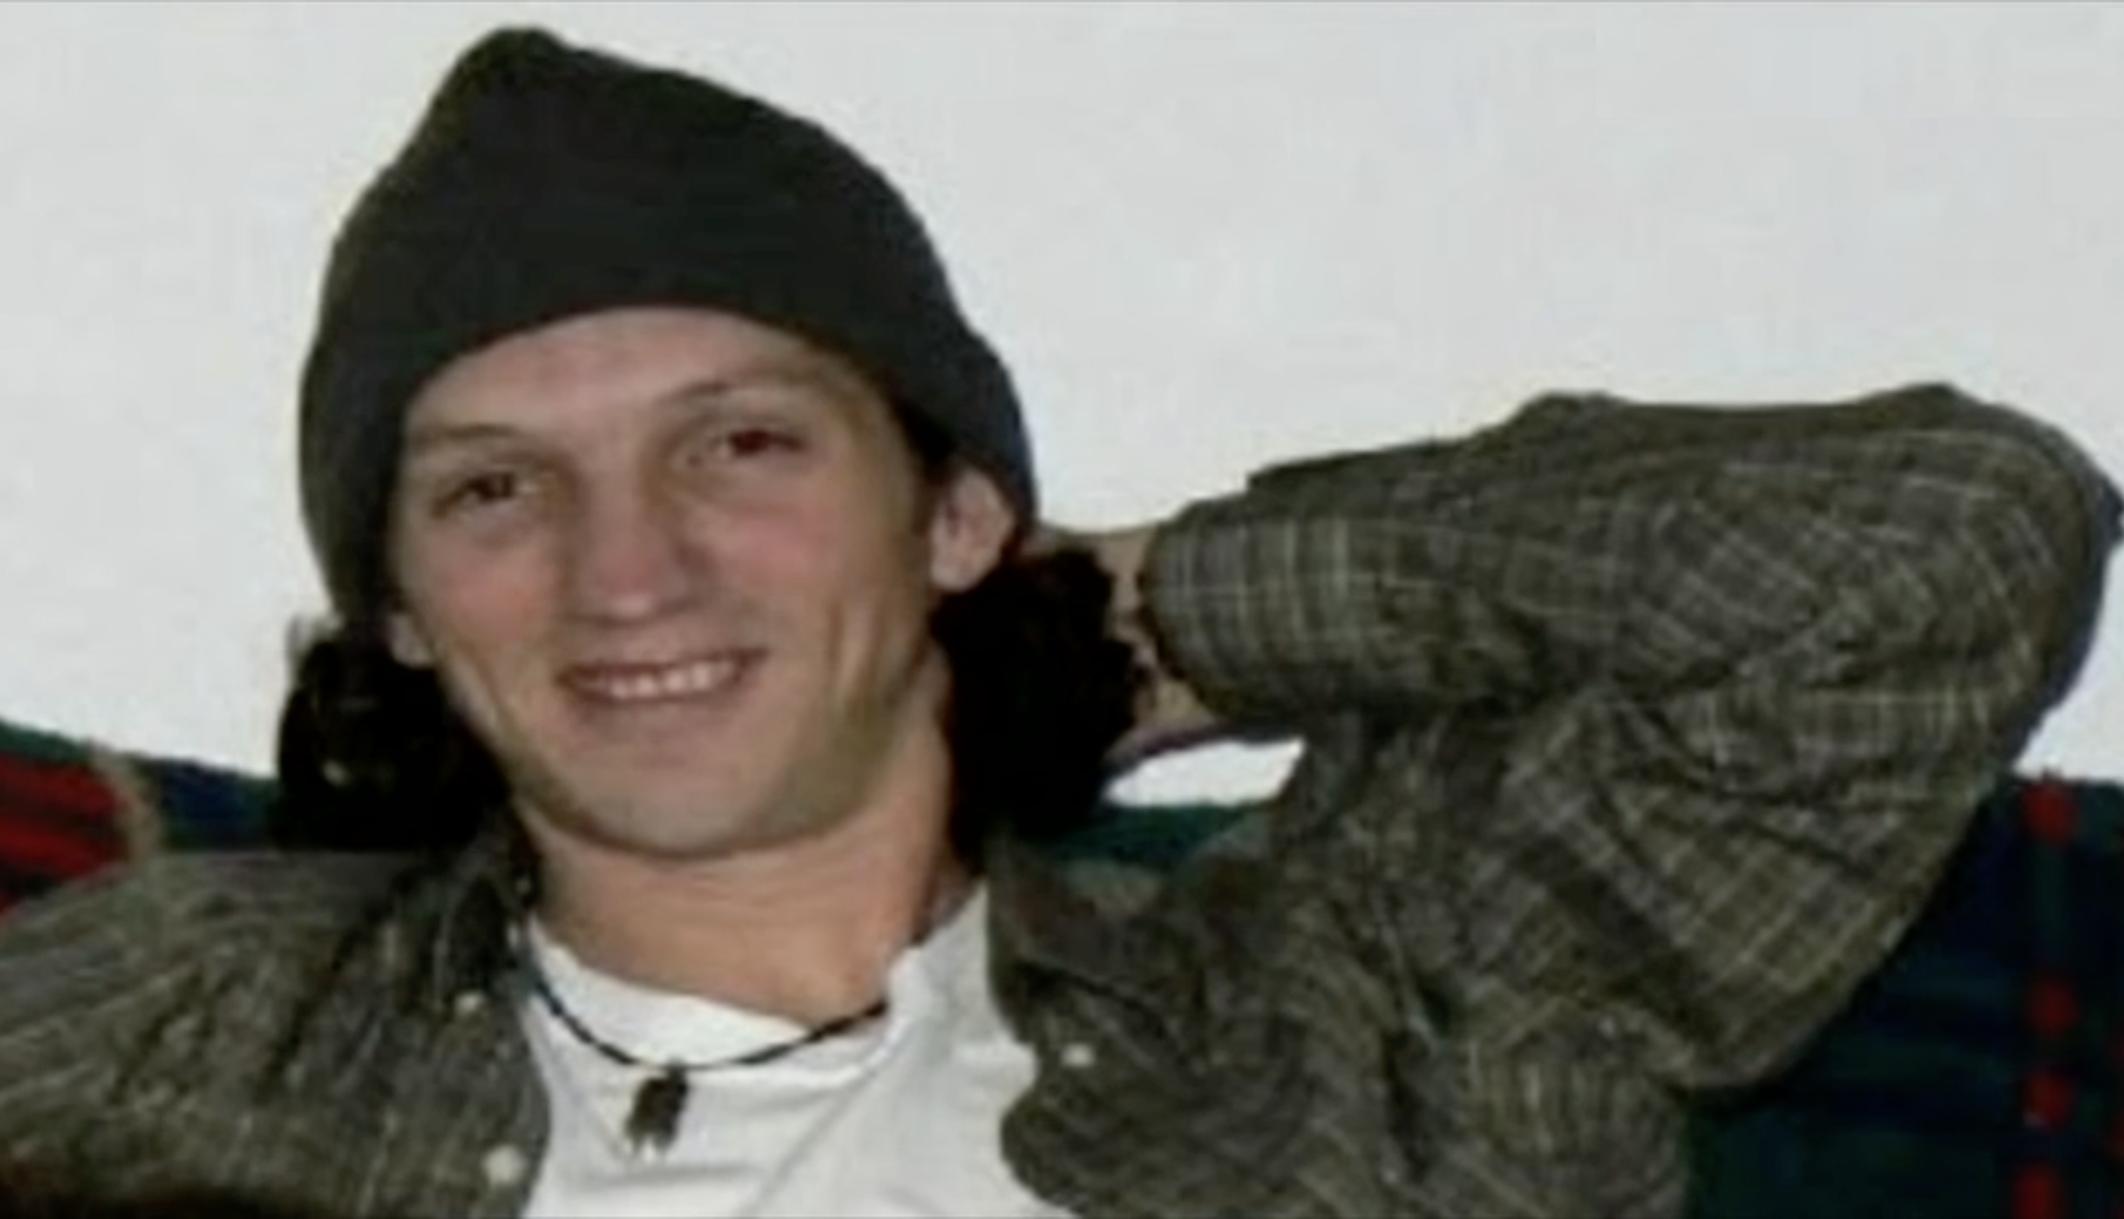 Το Serial Killer Israel Keyes πιστεύεται ότι έχει 11 θύματα. Εδώ είναι γιατί θα μπορούσε να έχει περισσότερα